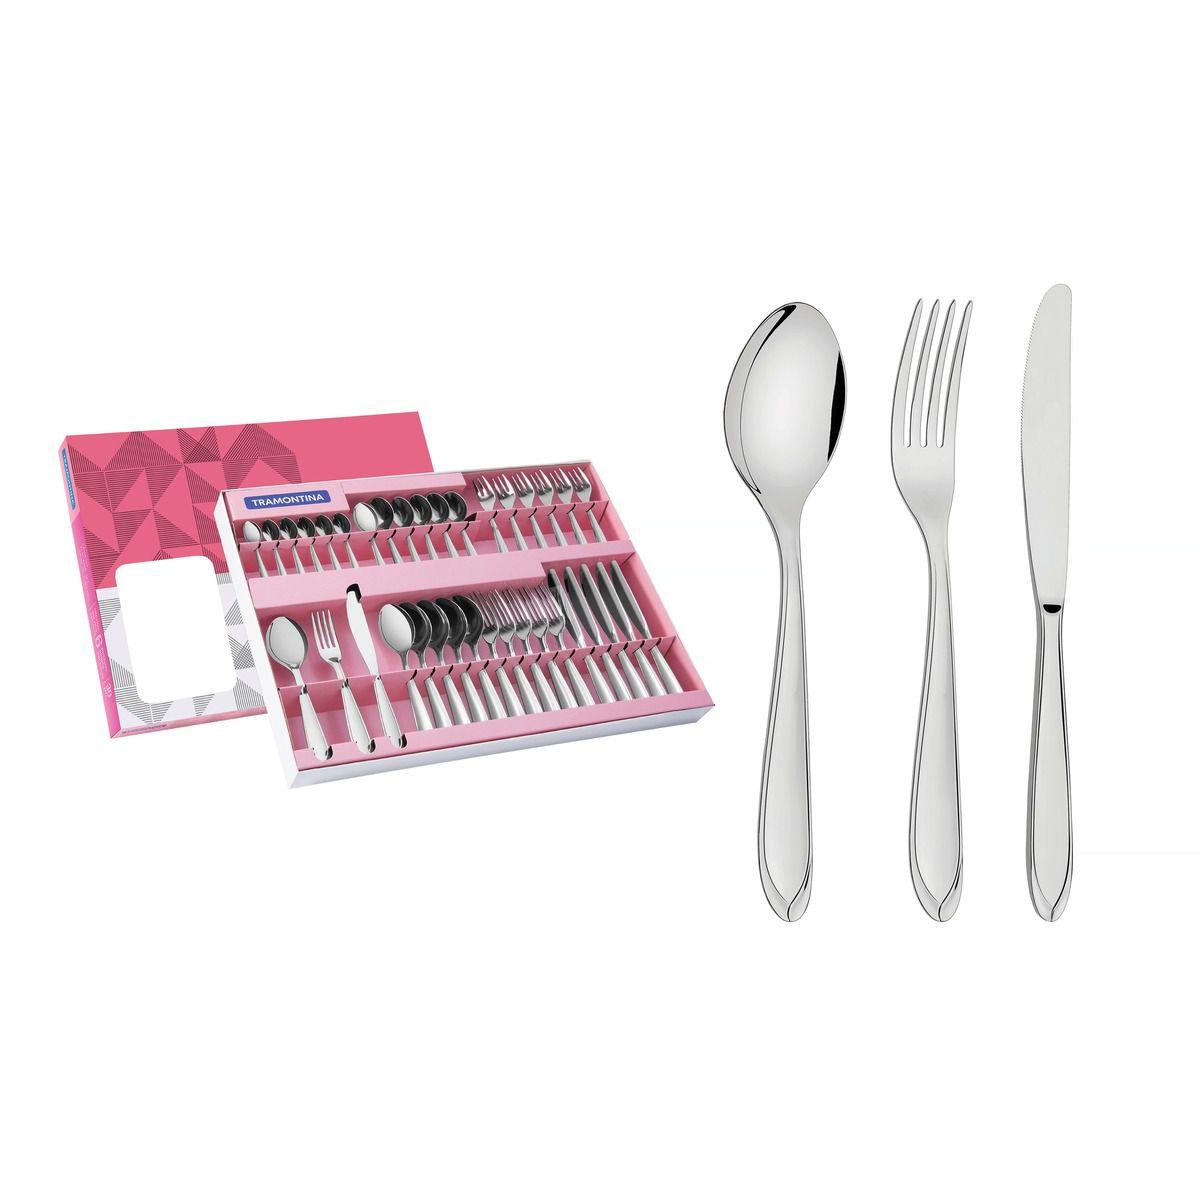 Faqueiro aço inox com faca de mesa 36 pç. 66906/790 | Lojas Estrela